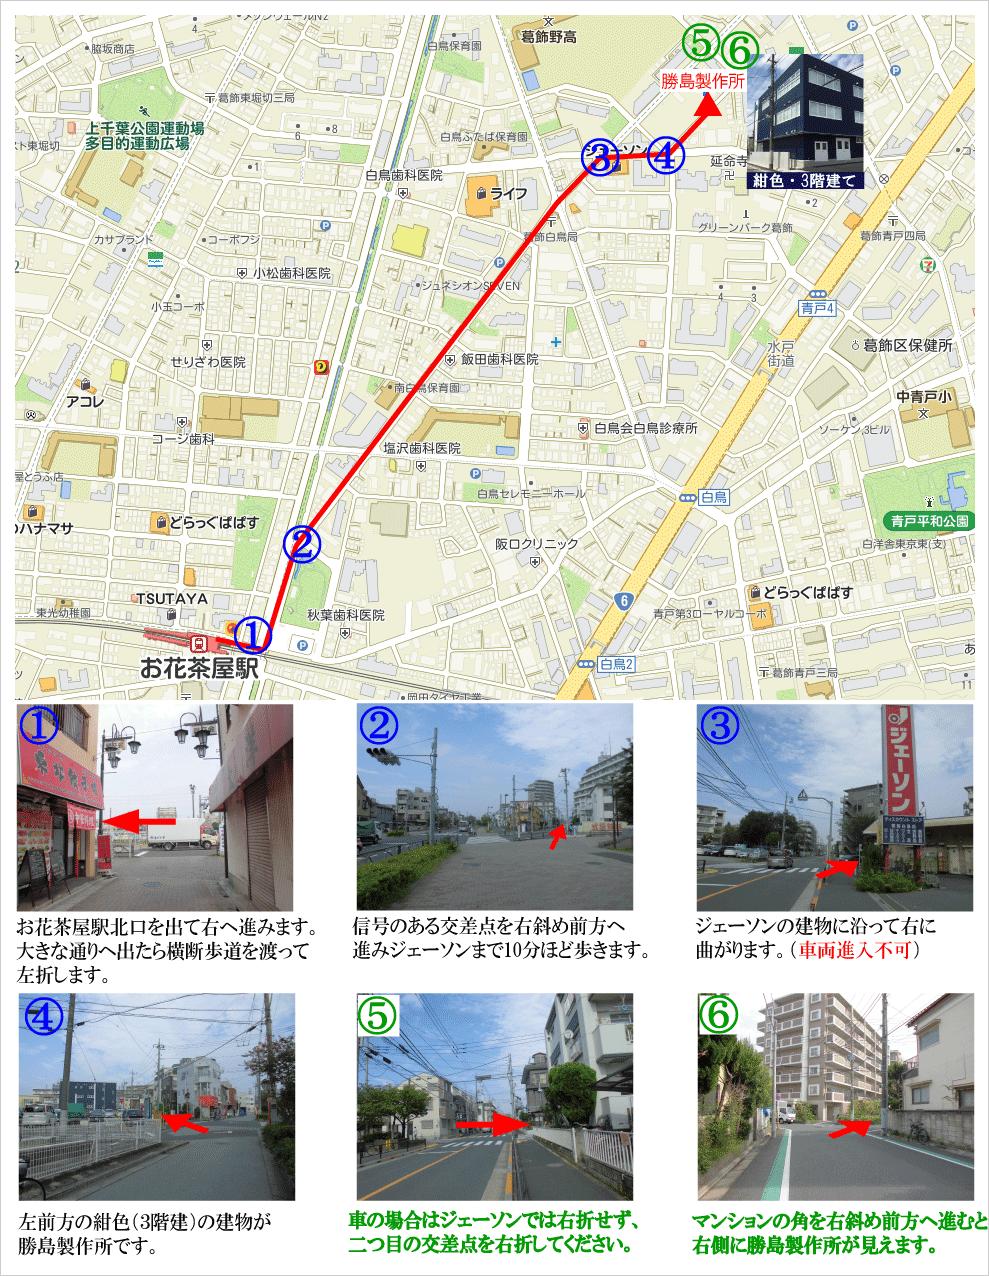 地震計の勝島製作所 アクセス イメージ画像